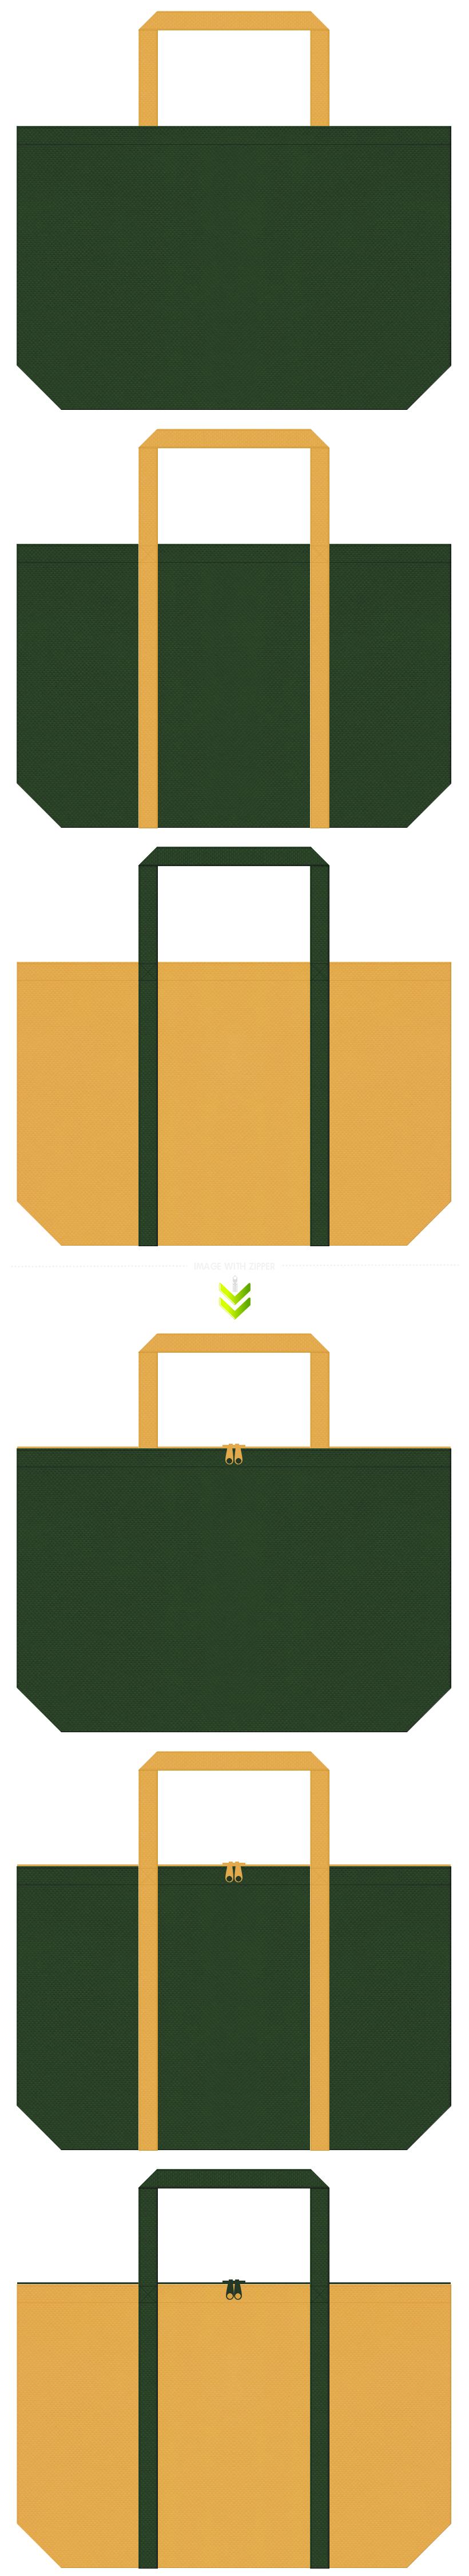 濃緑色と黄土色の不織布エコバッグのデザイン。キャンプ・アウトドア用品のショッピングバッグにお奨めです。